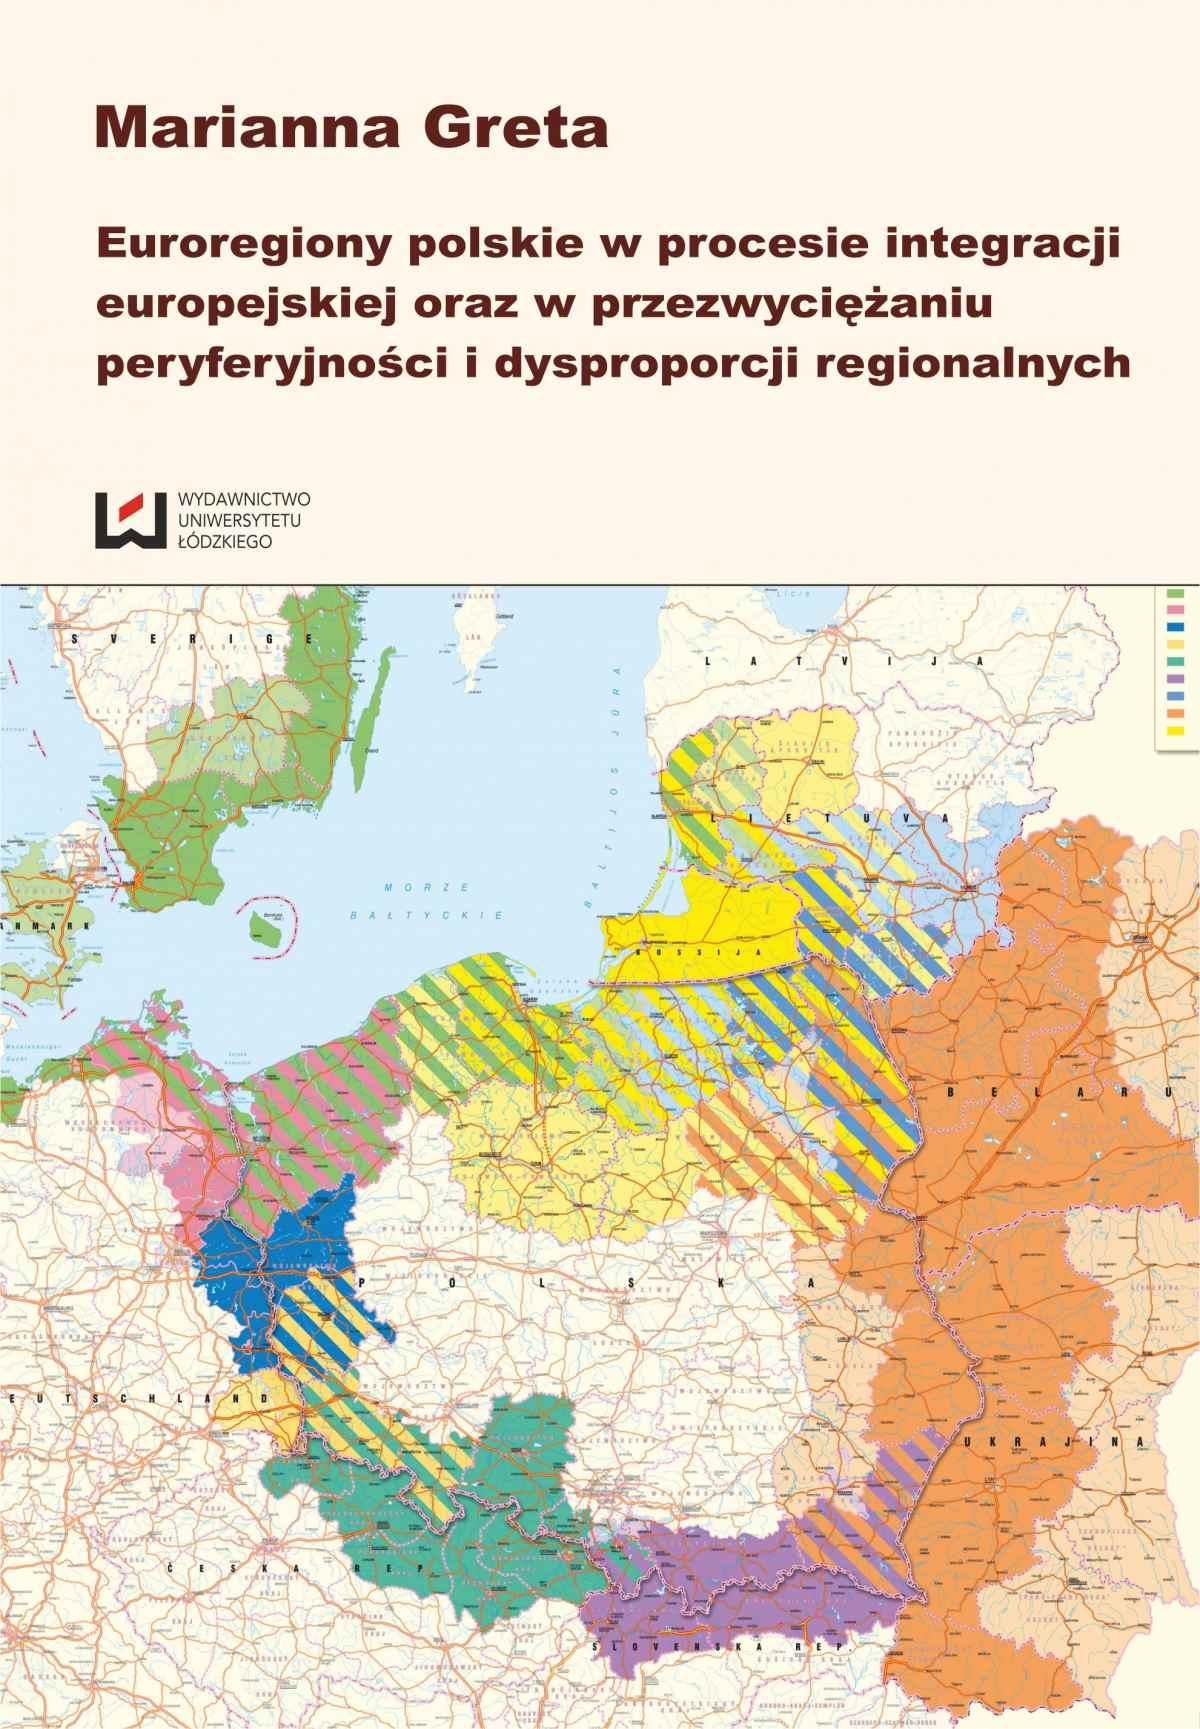 Euroregiony polskie w procesie integracji europejskiej oraz przezwyciężaniu peryferyjności i dysproporcji regionalnych - Ebook (Książka PDF) do pobrania w formacie PDF